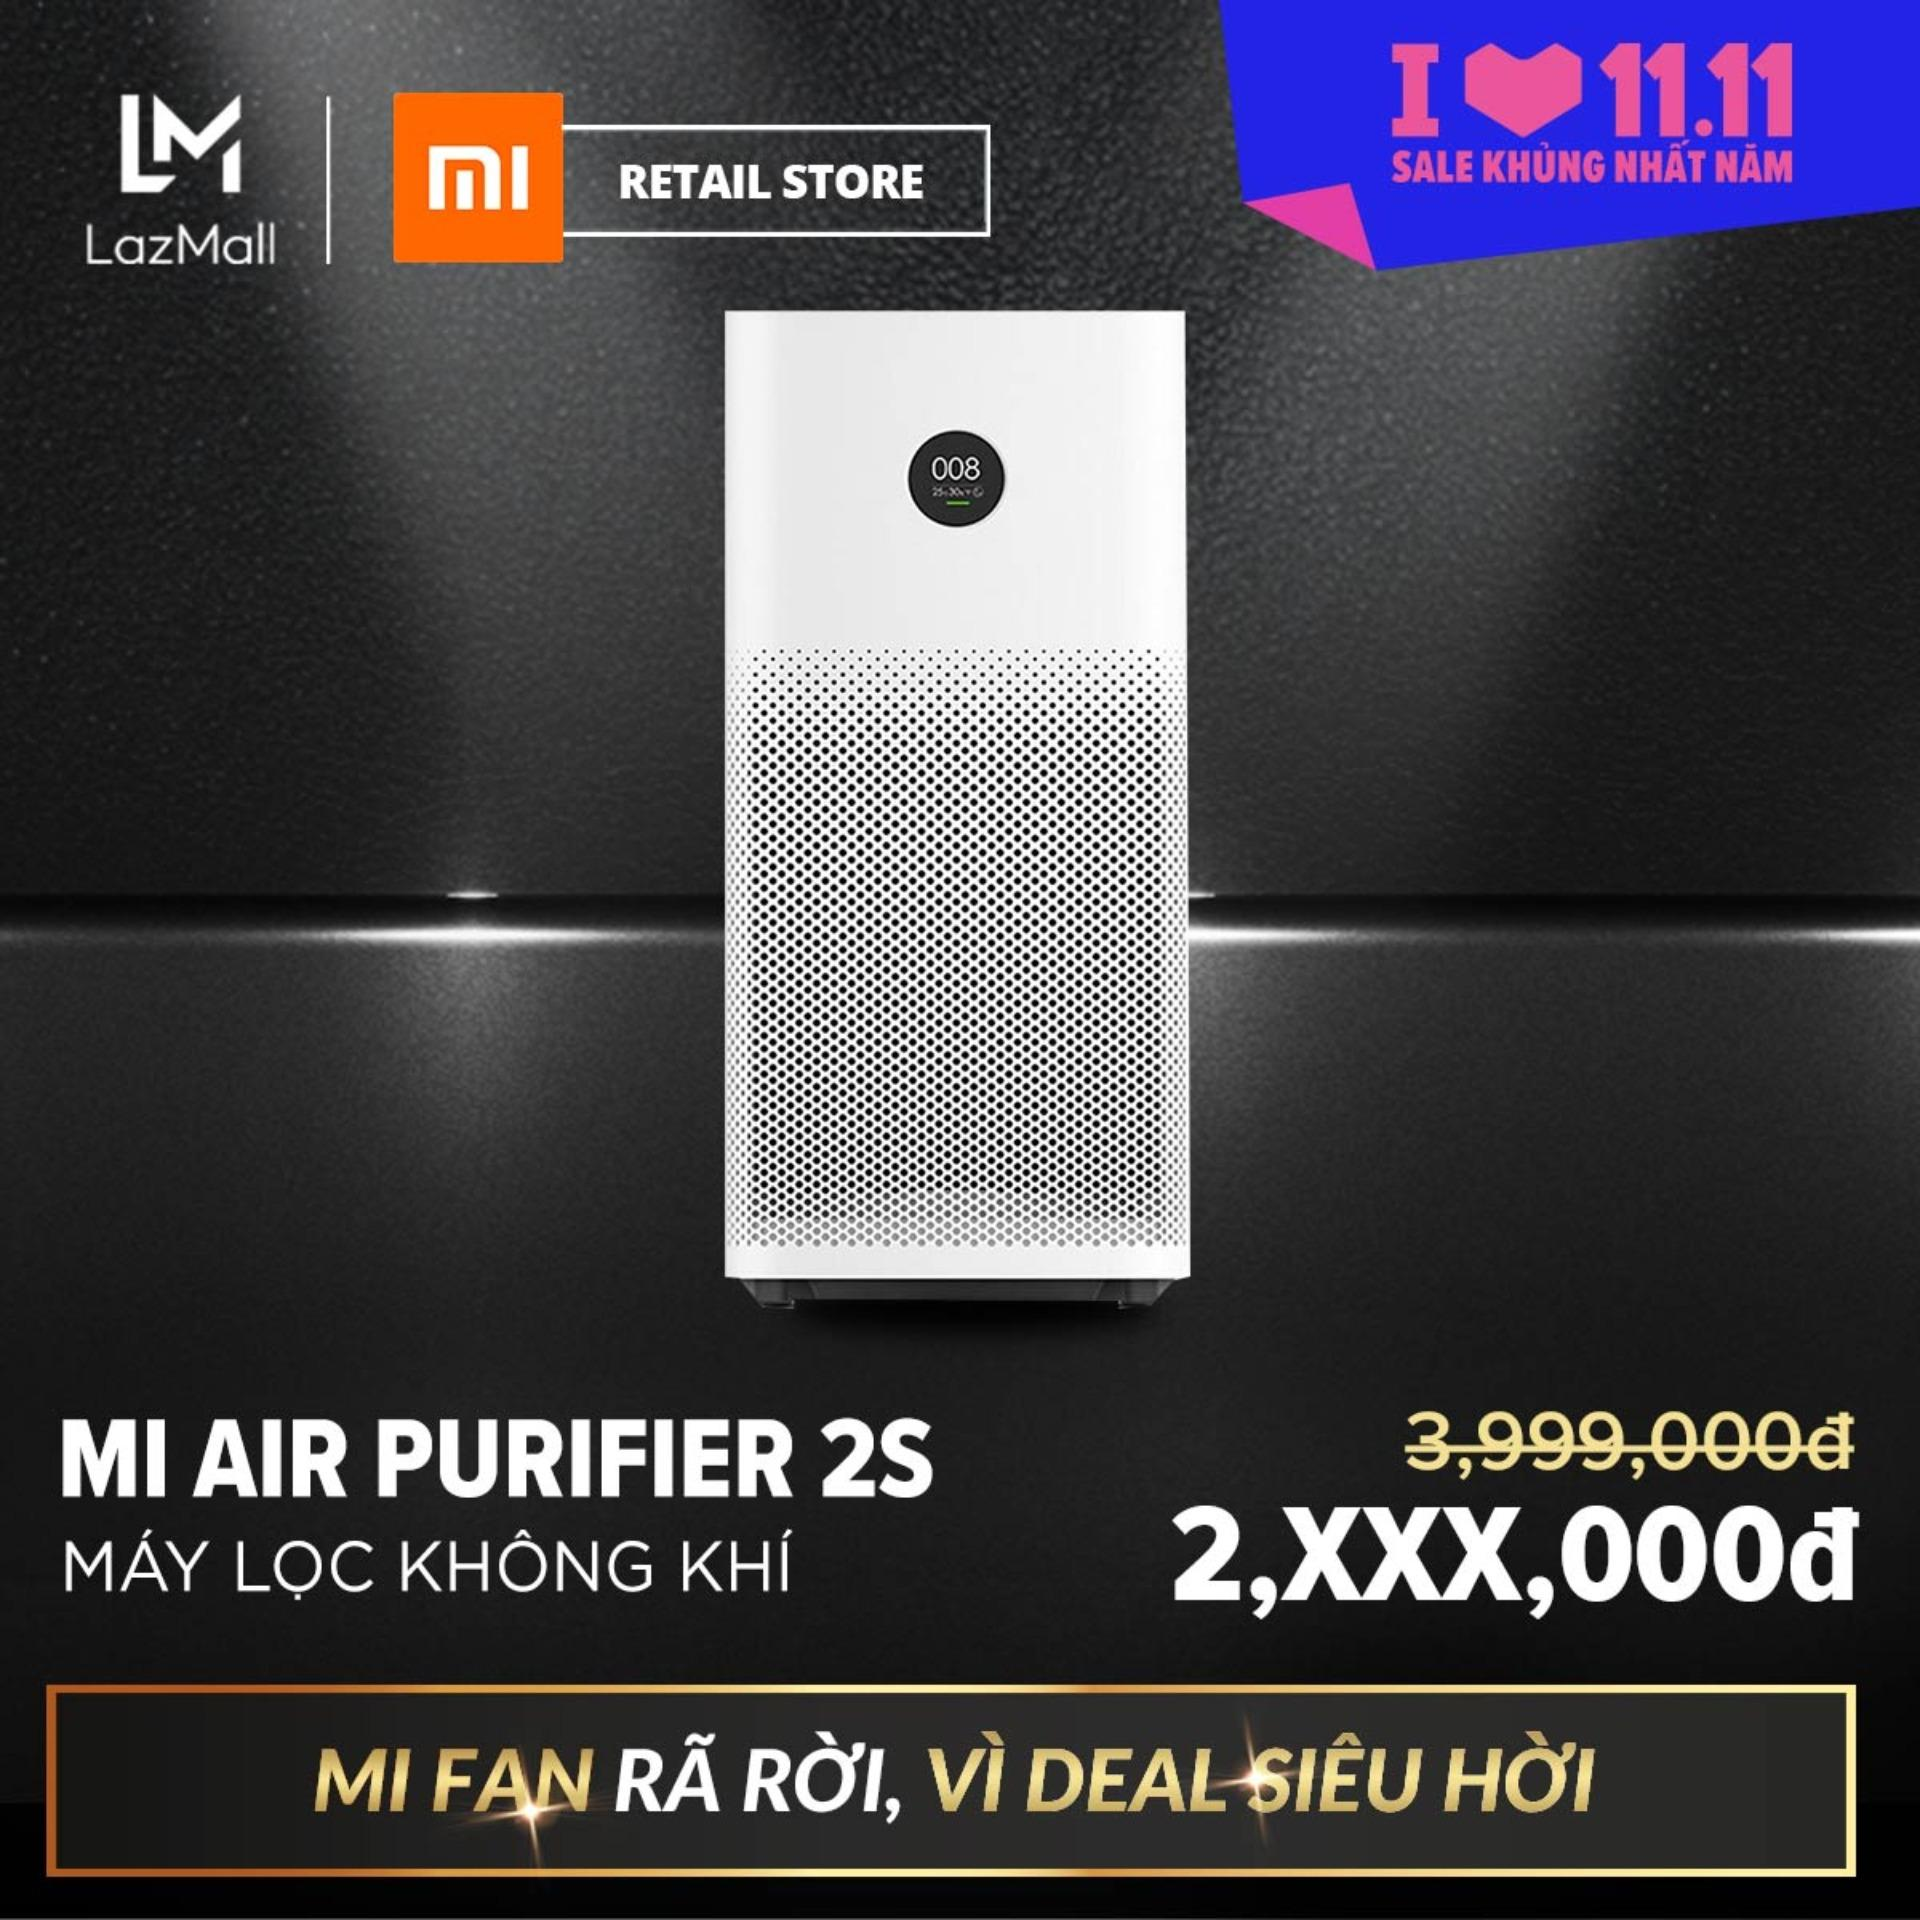 Bảng giá Máy Lọc Không Khí Xiaomi Mi Air Purifier 2S FJY4015CN (Trắng) - Hàng phân phối chính hãng, phù hợp với diện tích 21 - 37m2